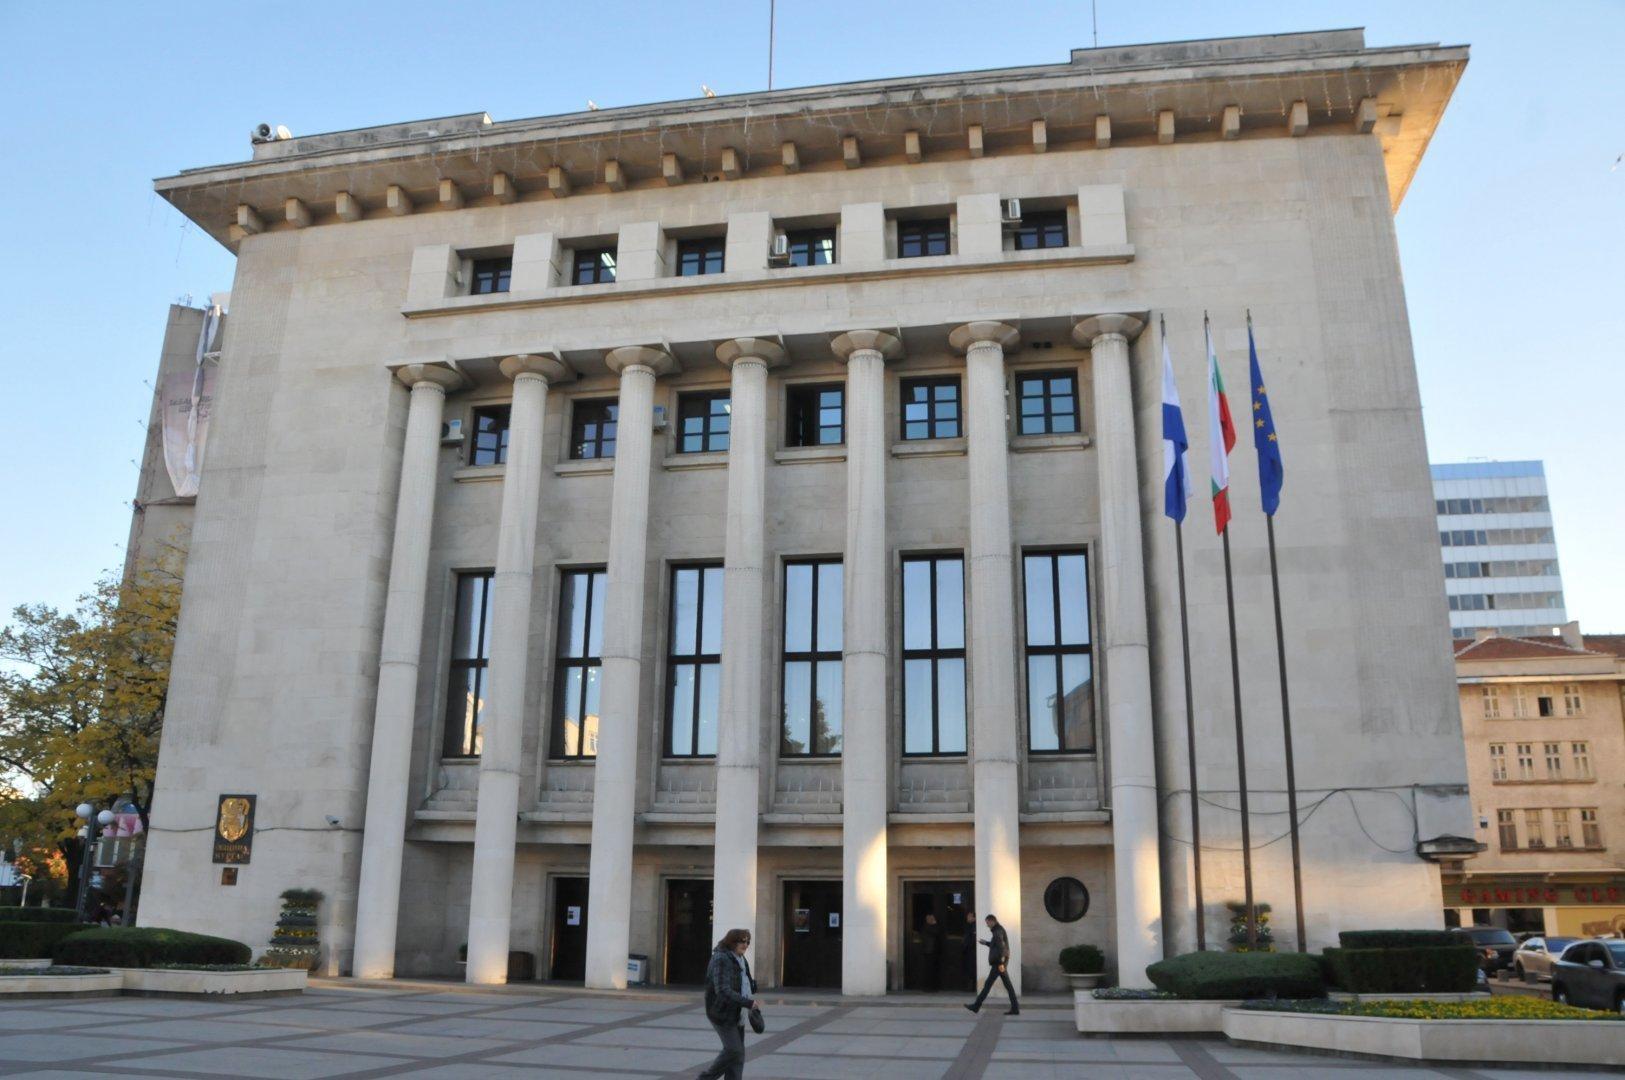 Изплащането на каса ще е по график, който Община Бургас ще обяви в допълнително съобщение. Снимка Архив Черноморие-бг